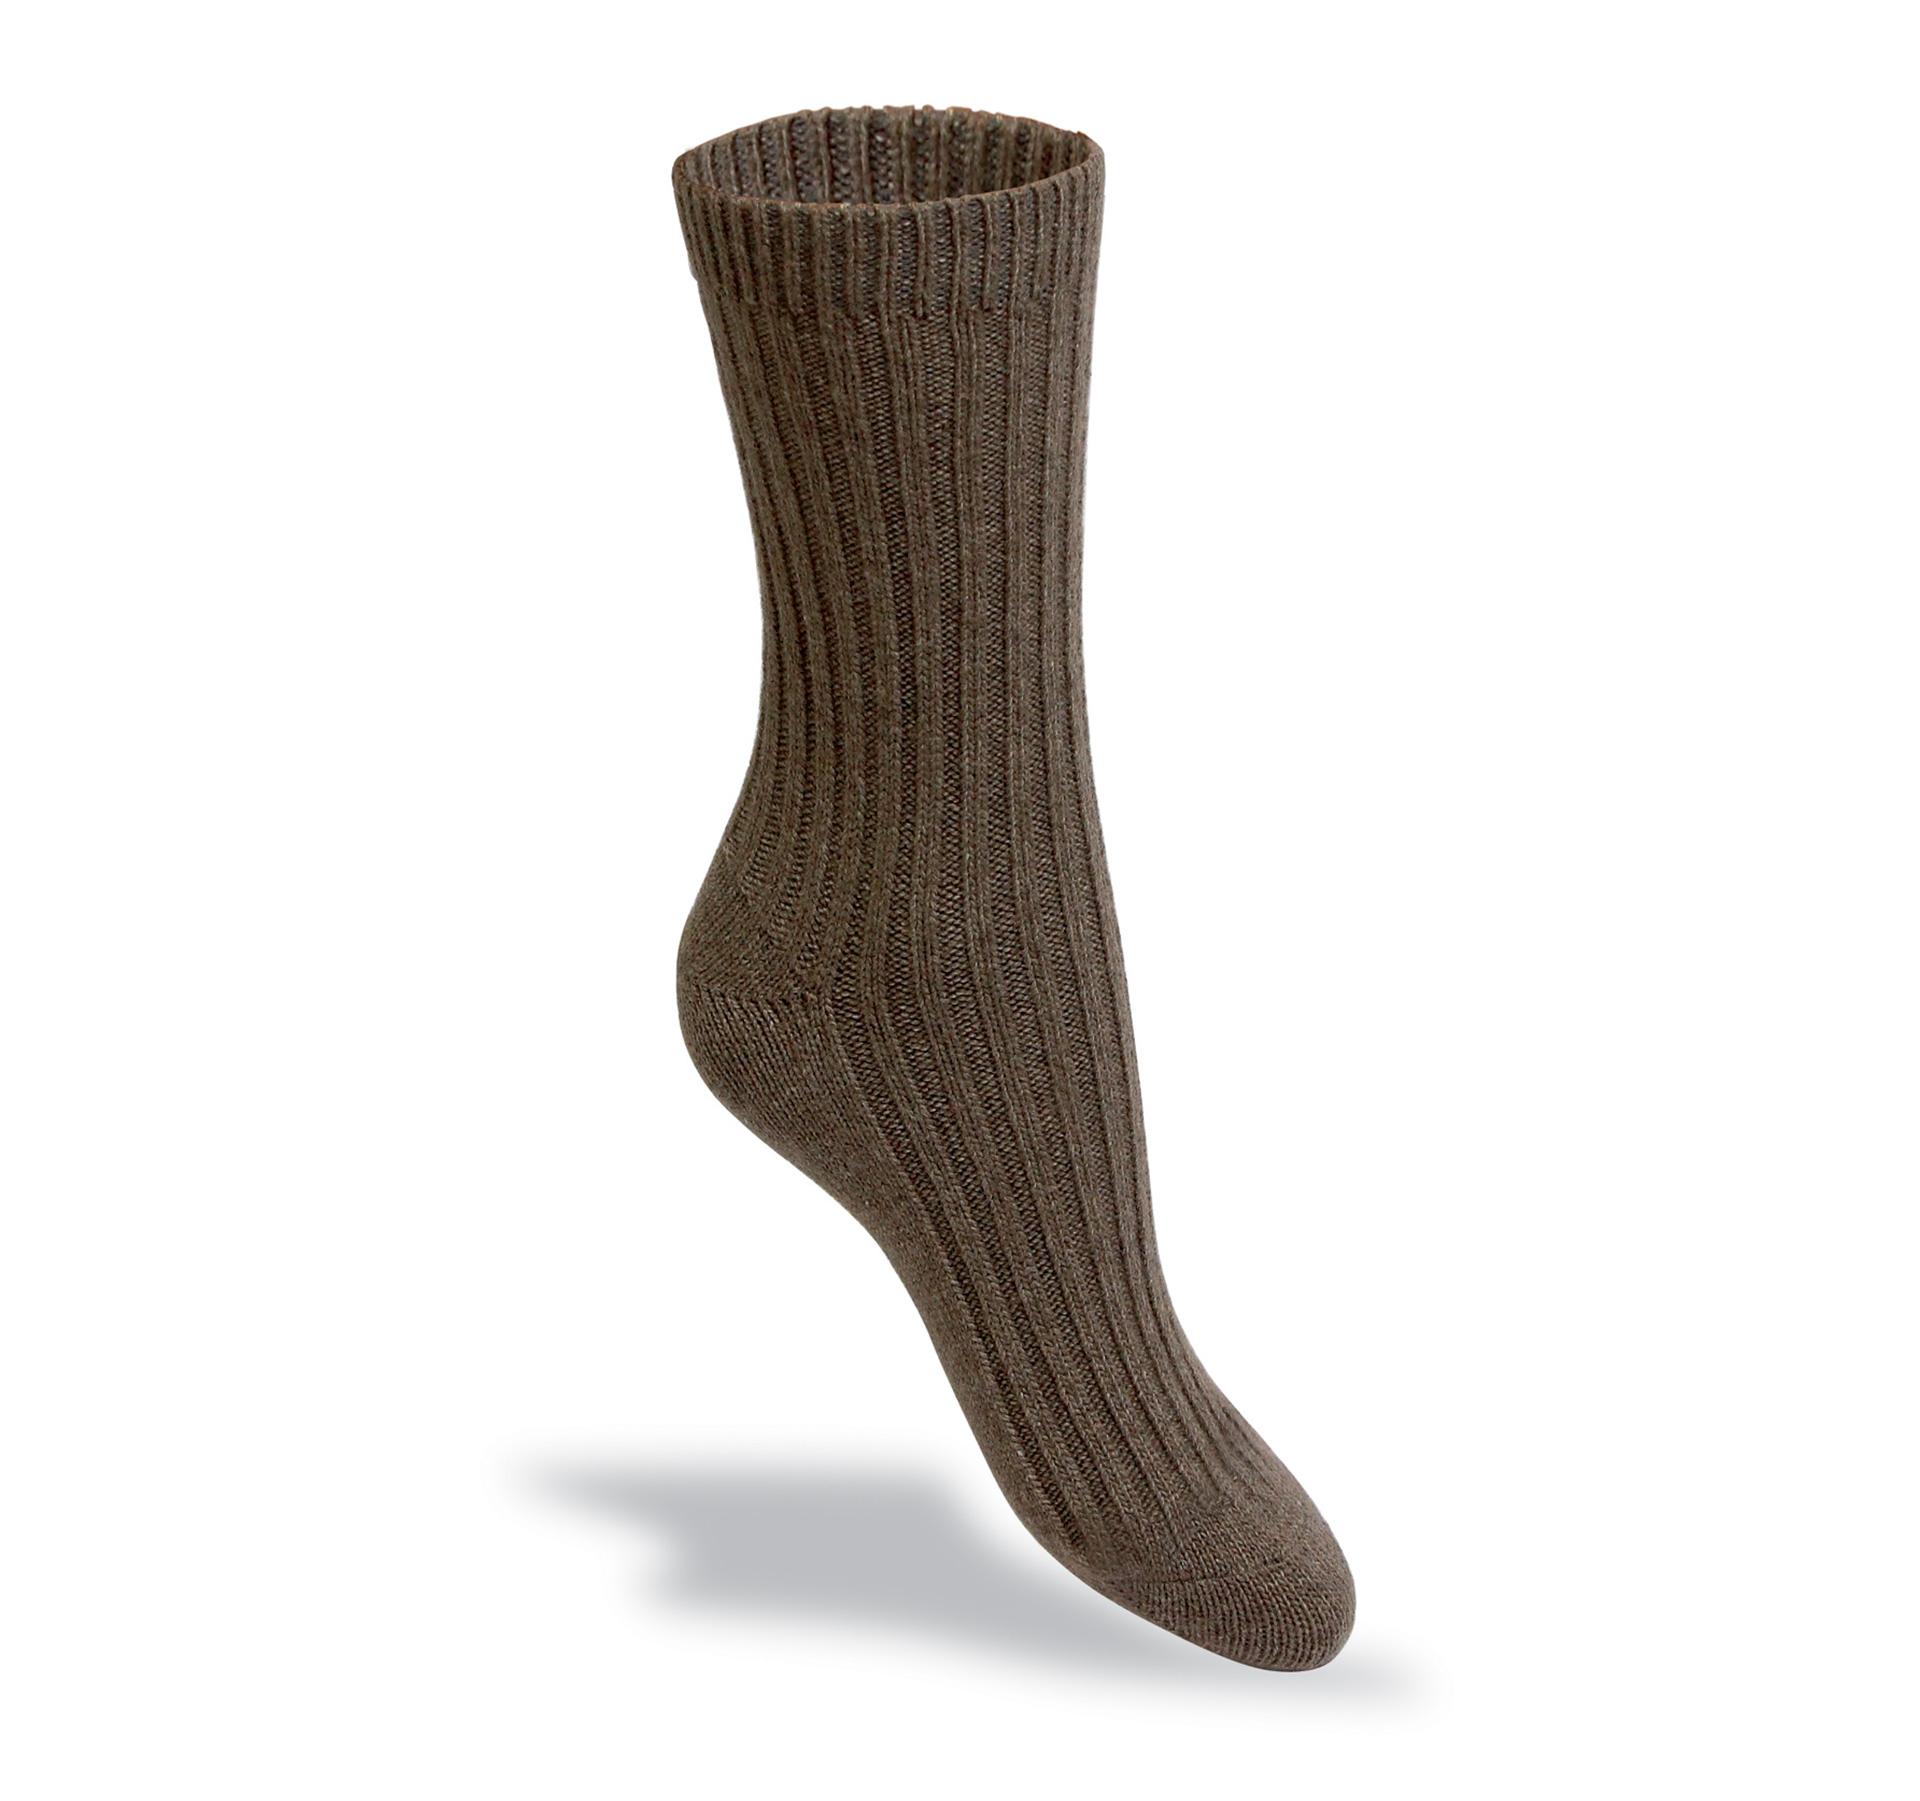 calza donna lana